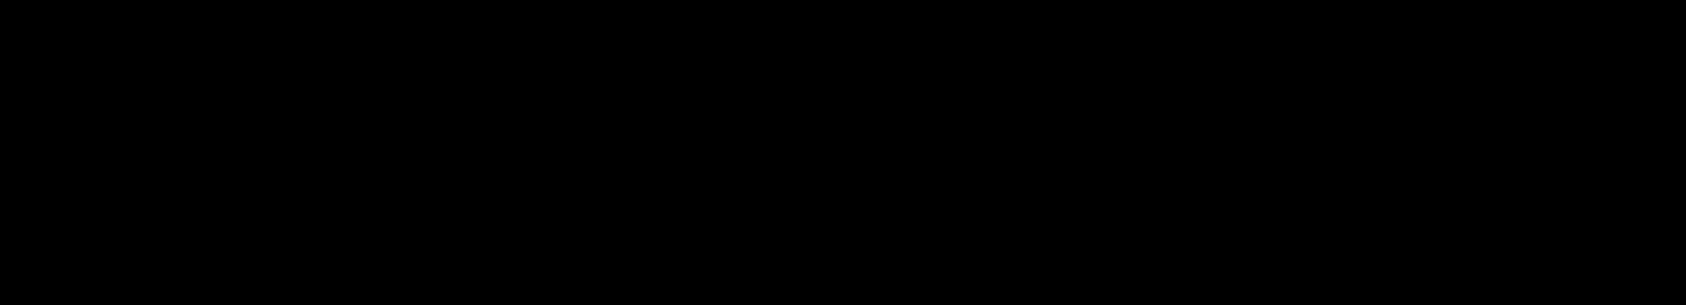 Illamasqua's logo